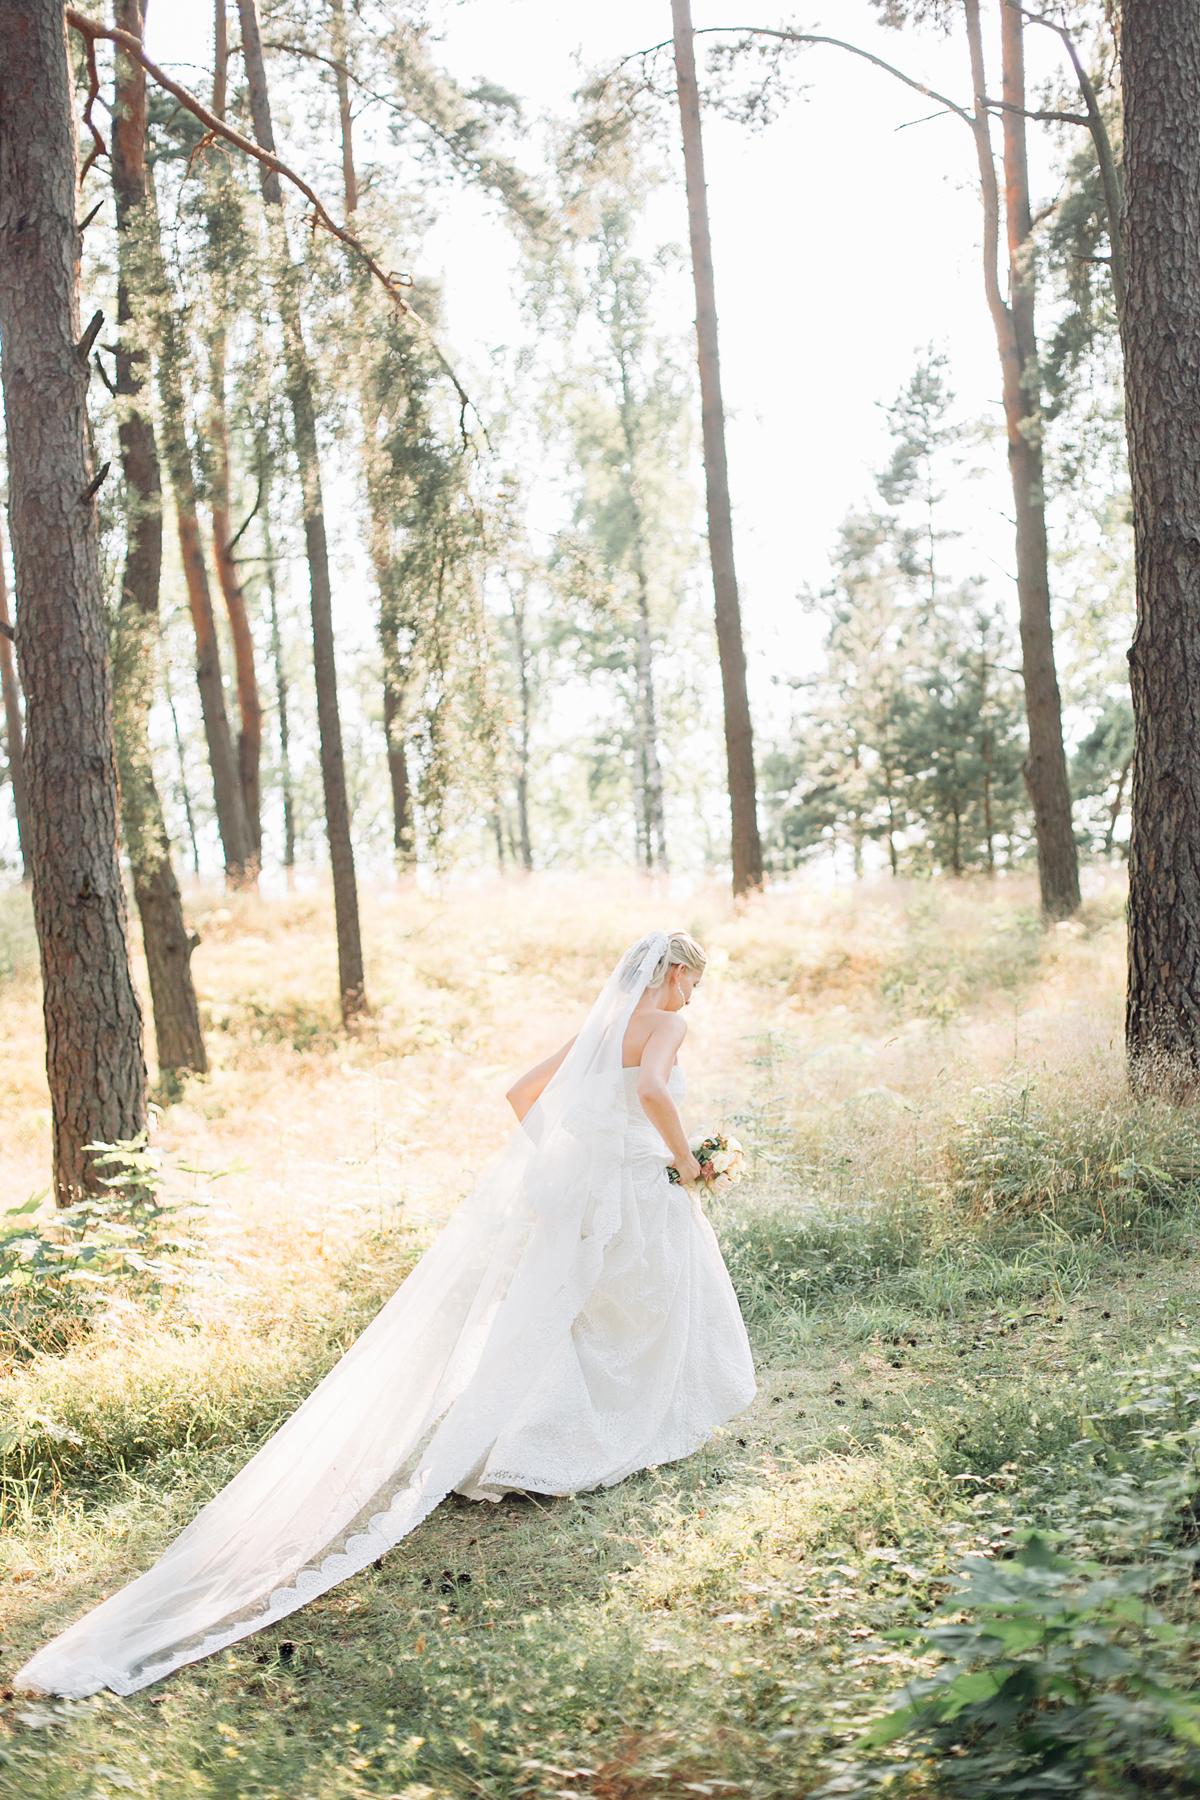 632-Petersone-Liene-wedding-blog